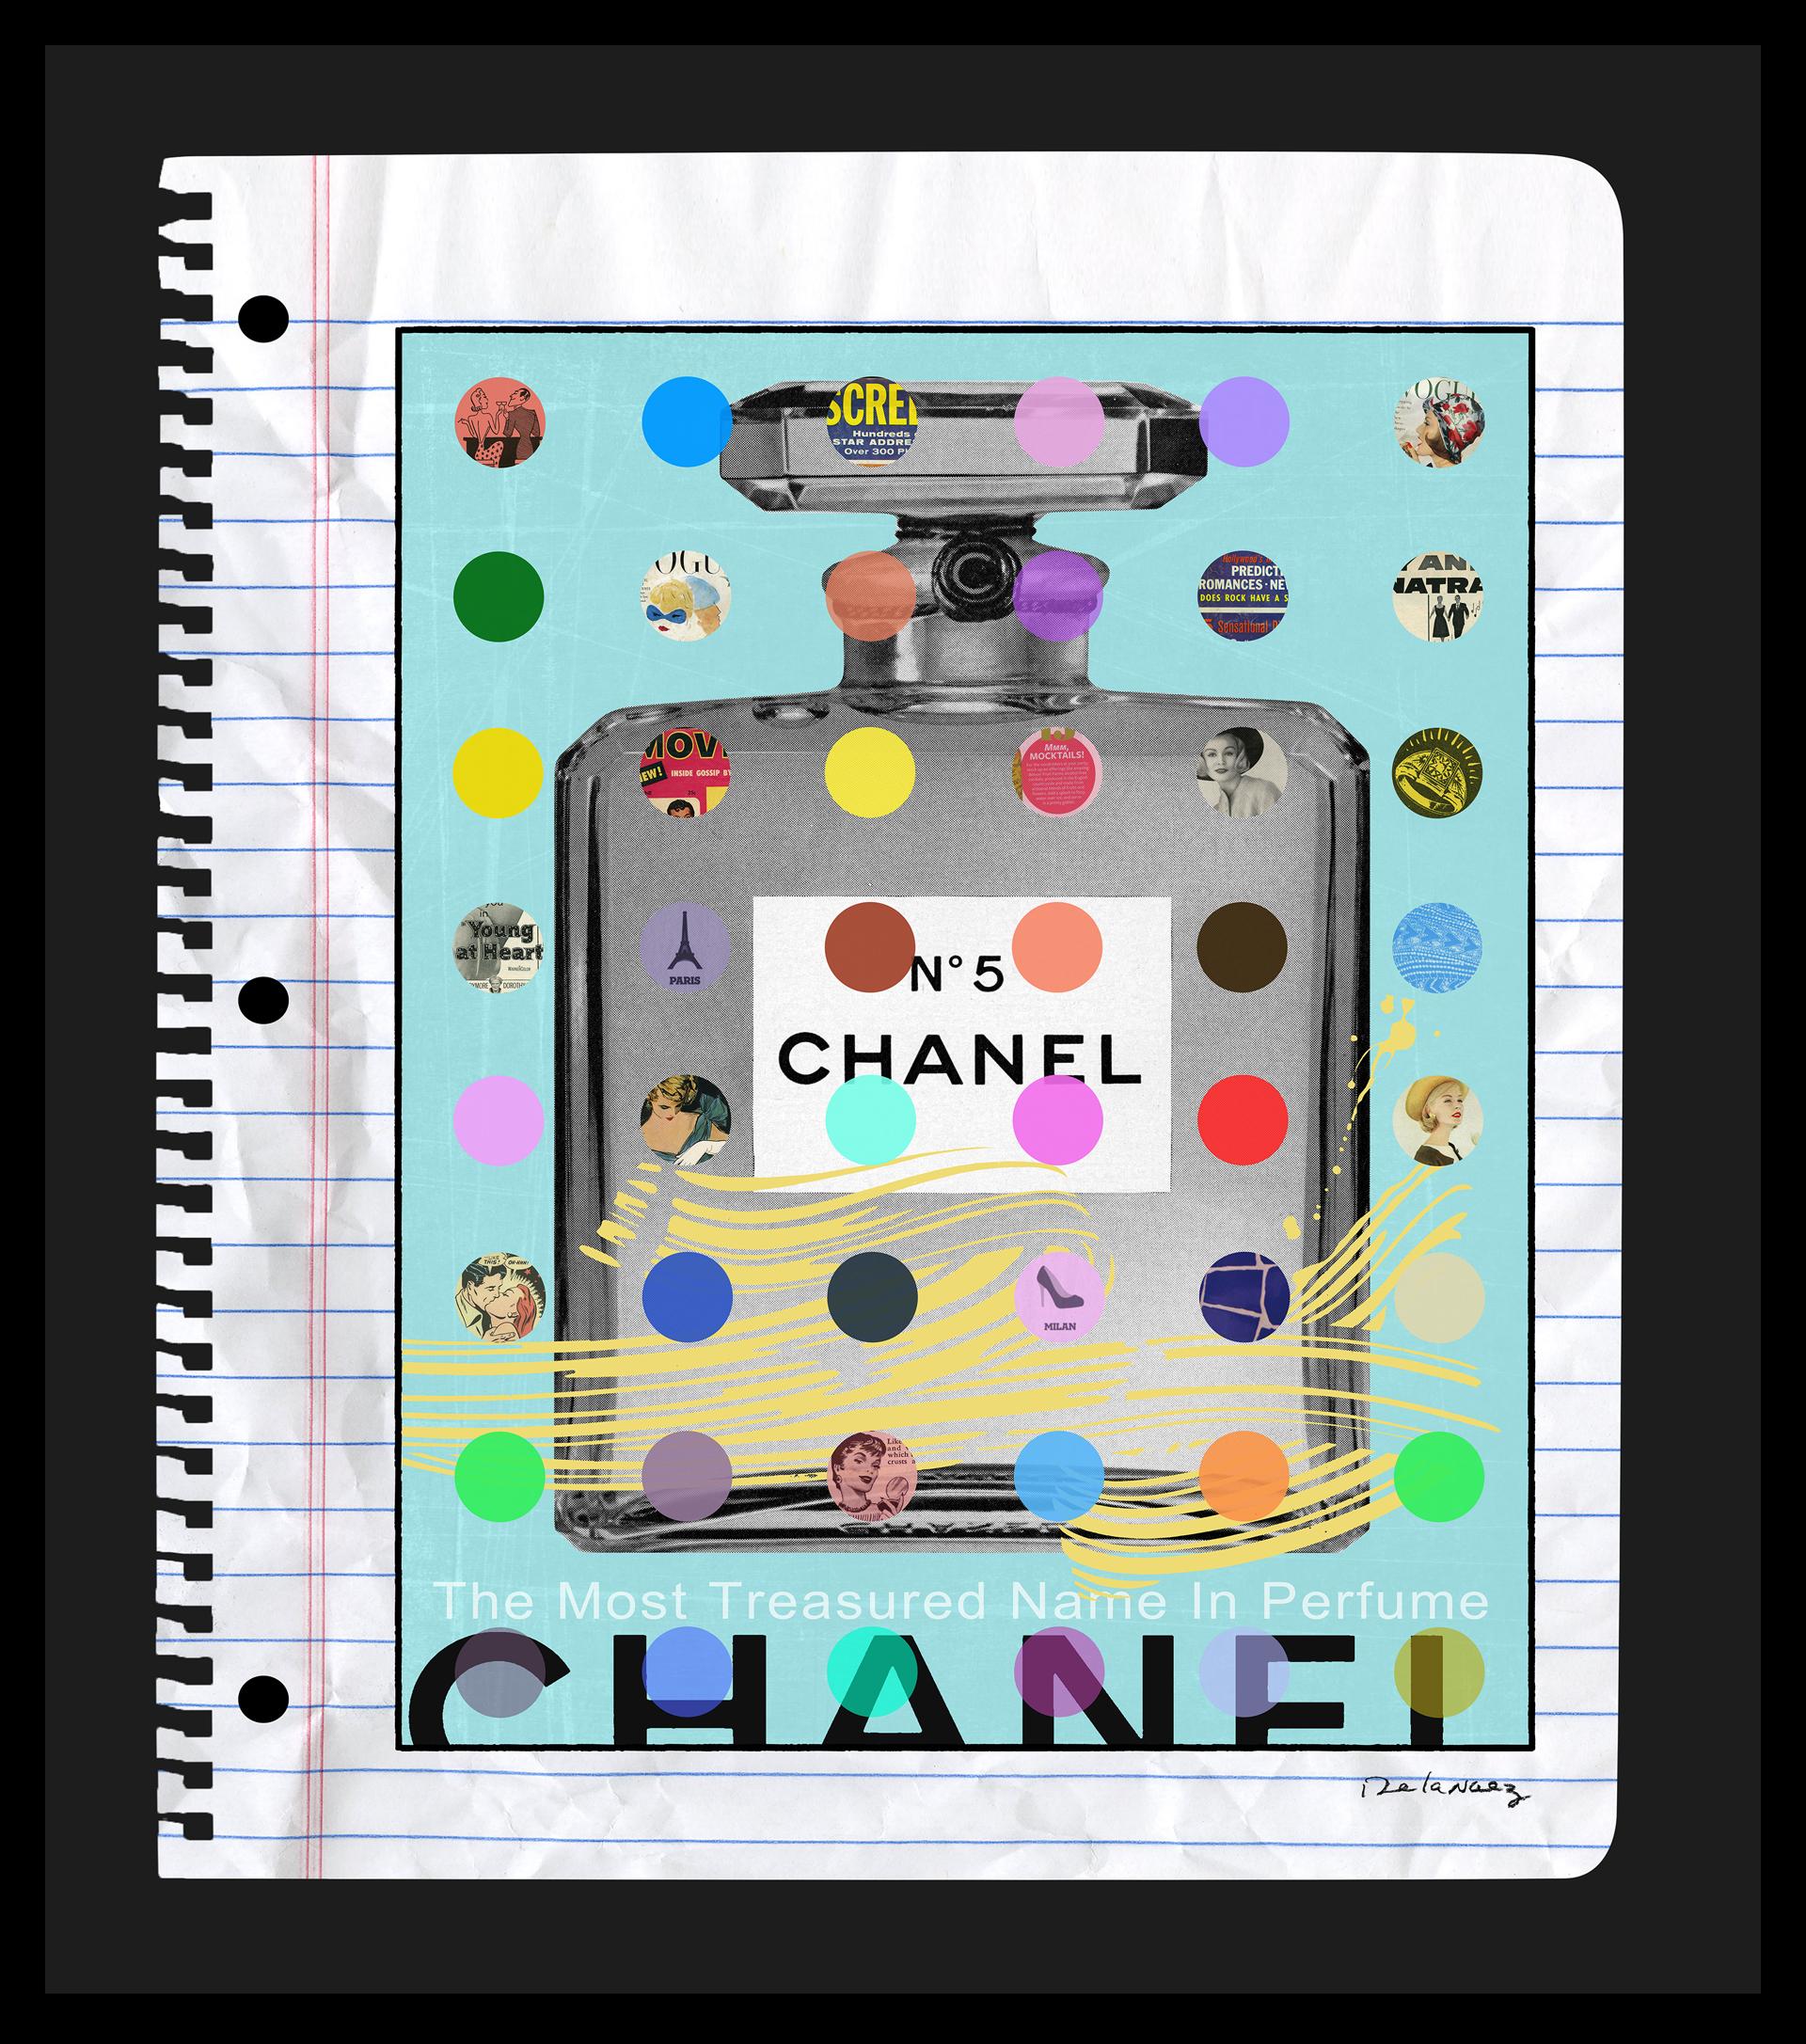 Blue Chanel by Nelson De La Nuez